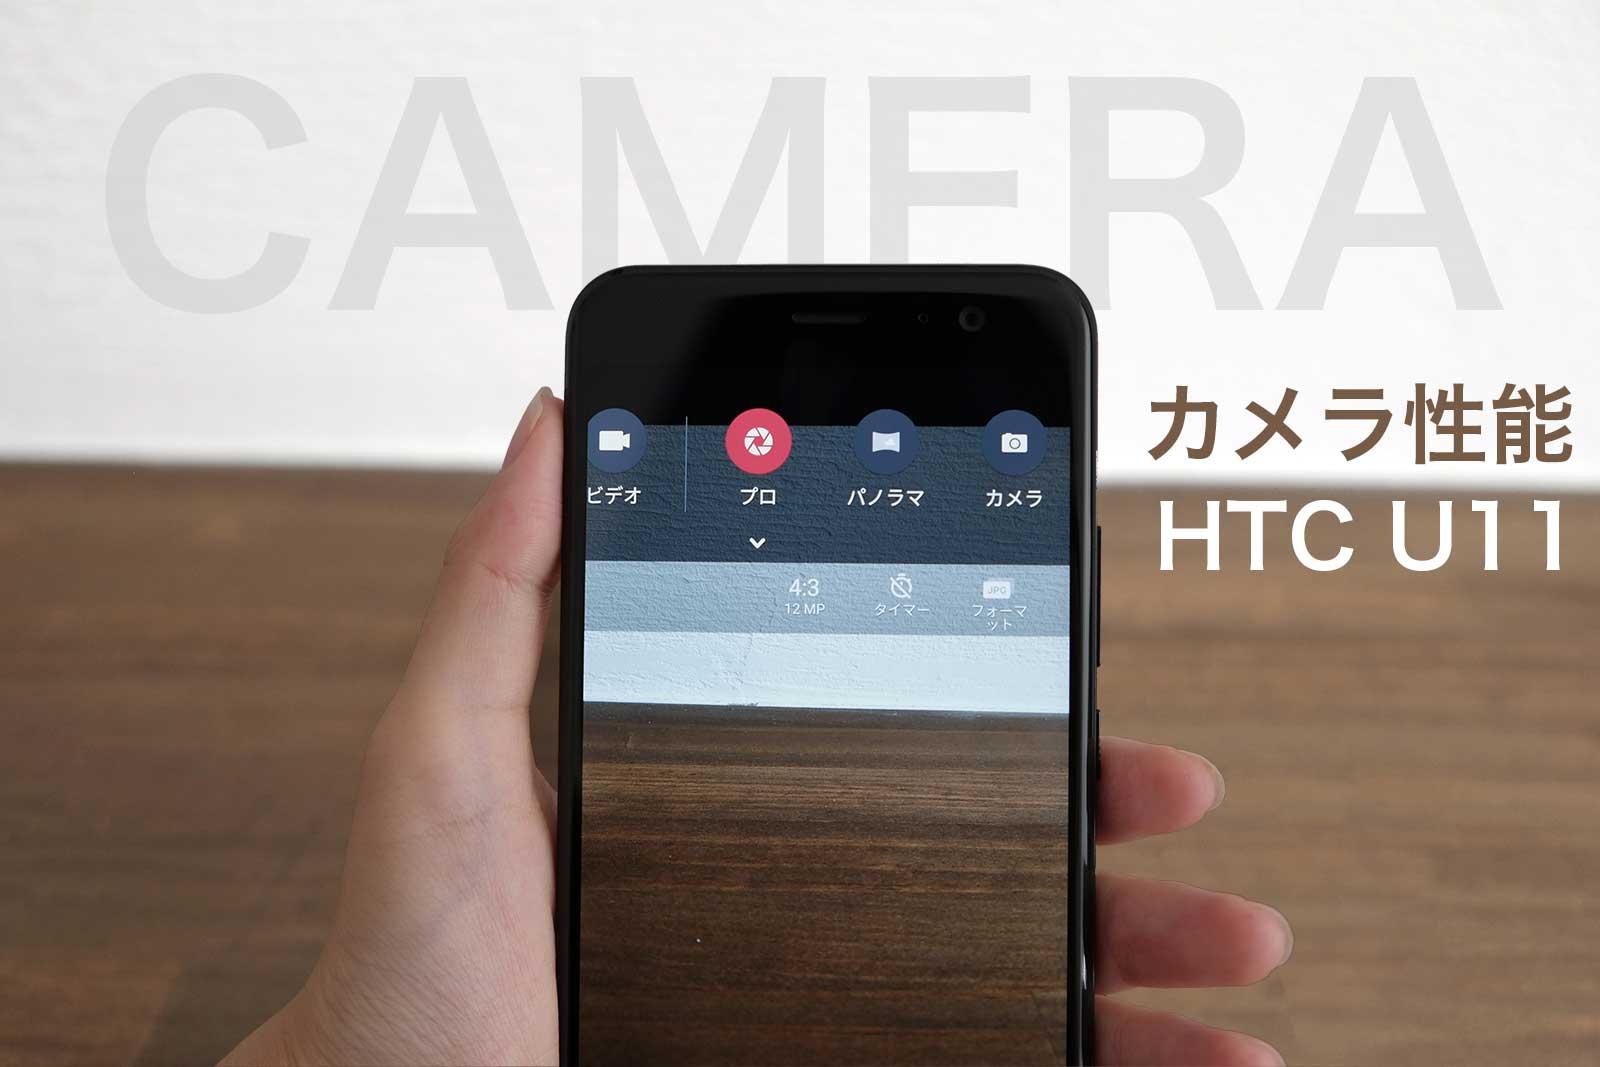 HTC U11 HTV33開封レビュー。握るだけで操作できる「エッジ・センス」がすごい!#HTCサポーター